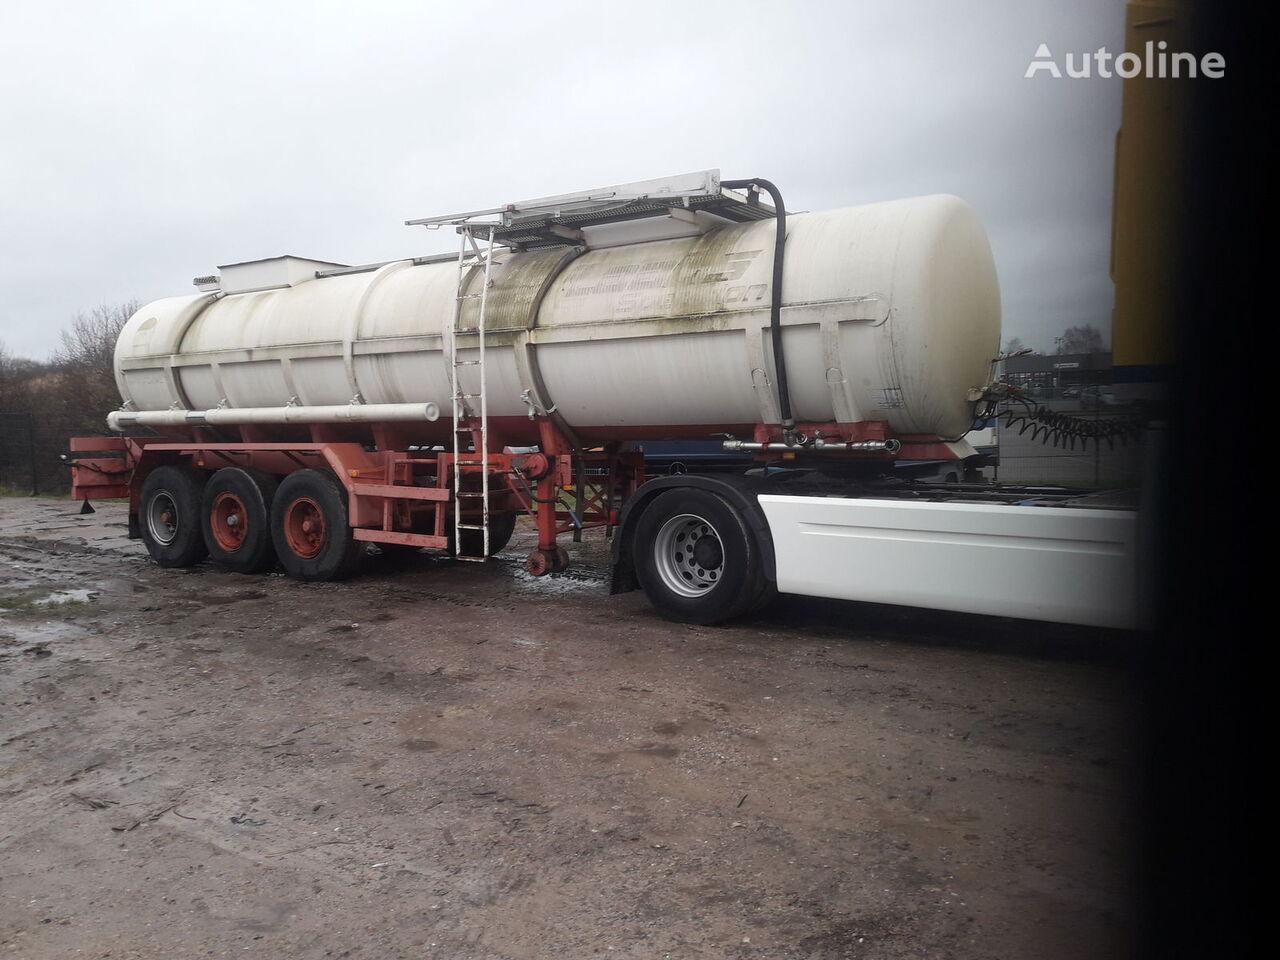 LAG GSA22 cisterna za prevoz hrane